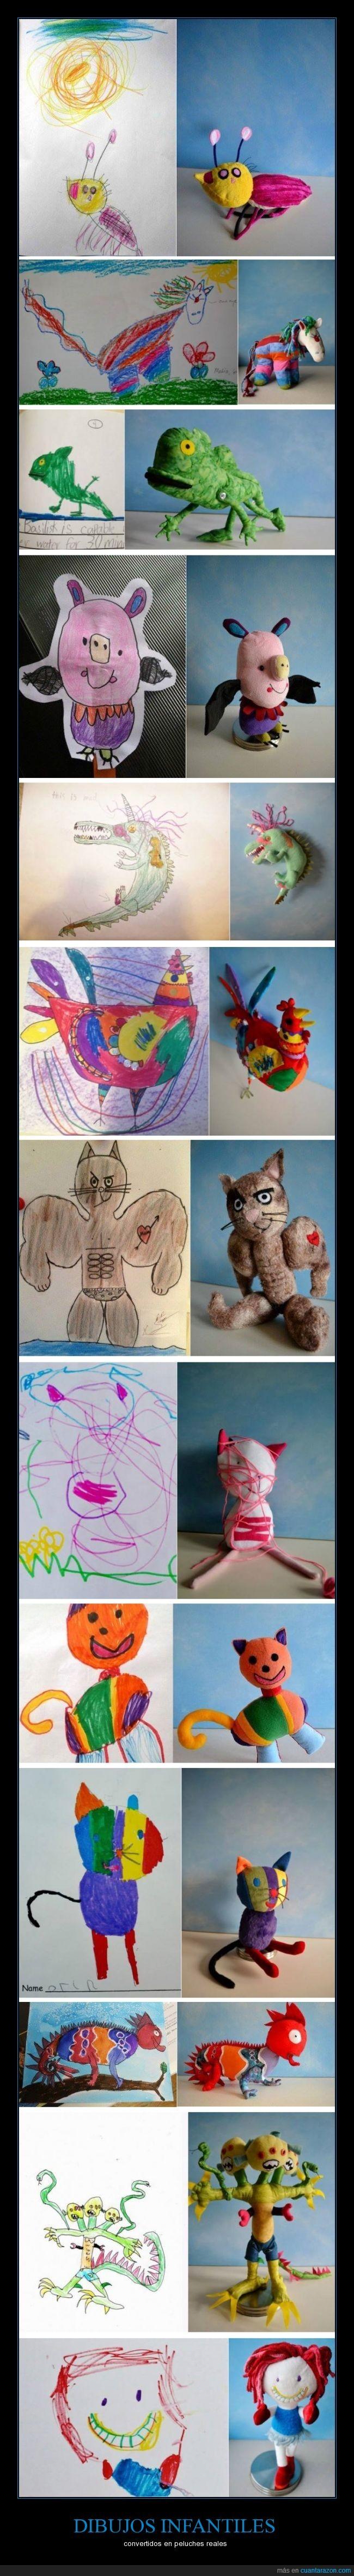 dibujo,gato,infancia,lagarto,muñeca,niña,niño,peluche